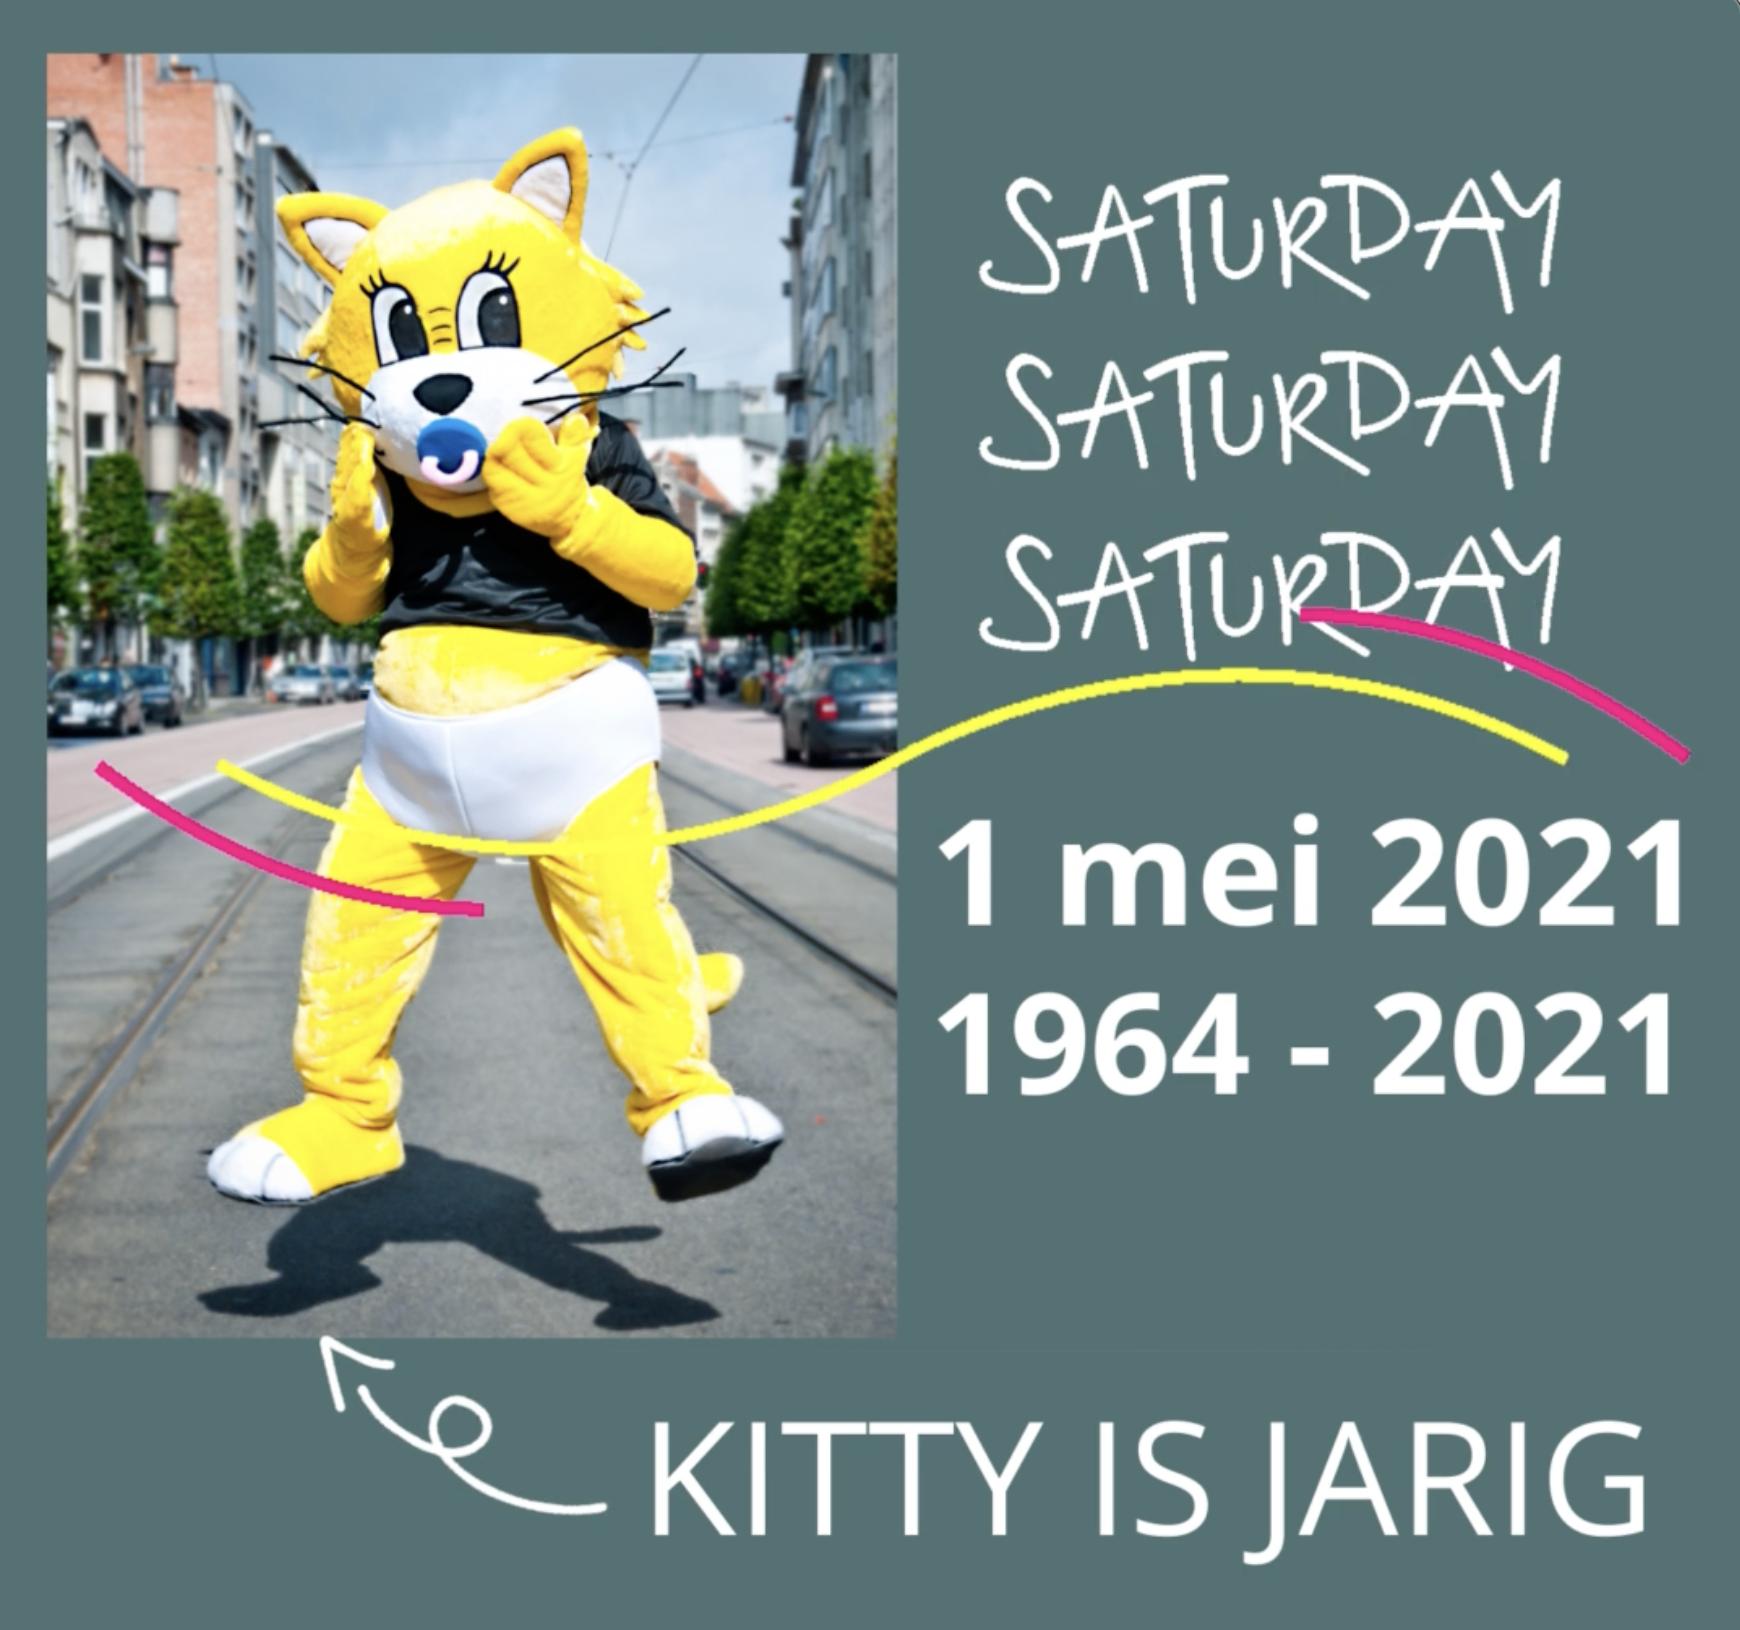 Schermafbeelding 2021-05-01 om 08-06-17.png